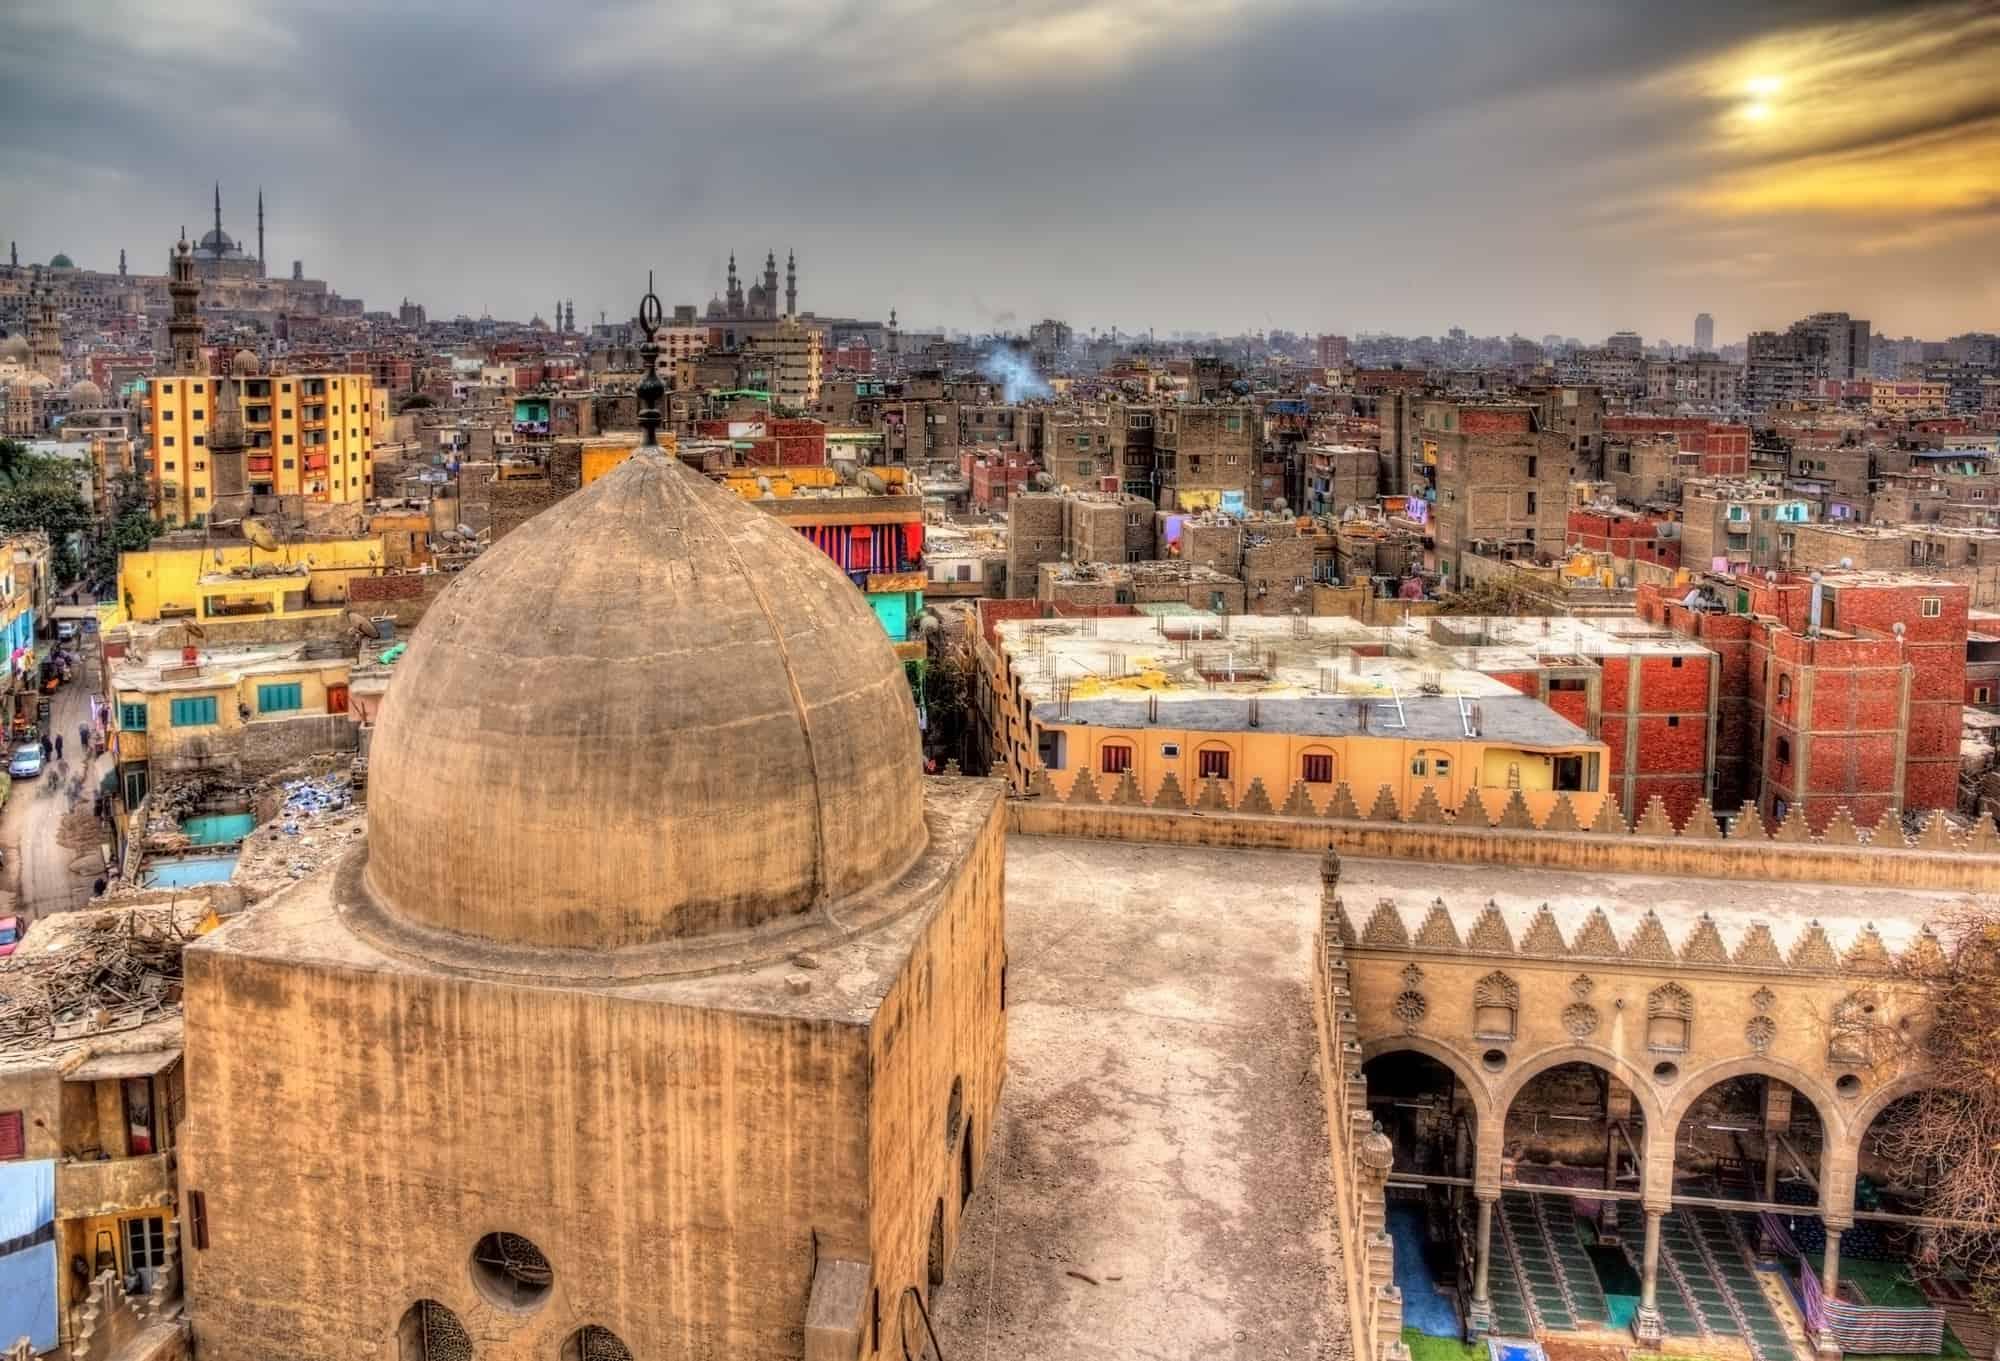 الأماكن السياحية بالقاهرة